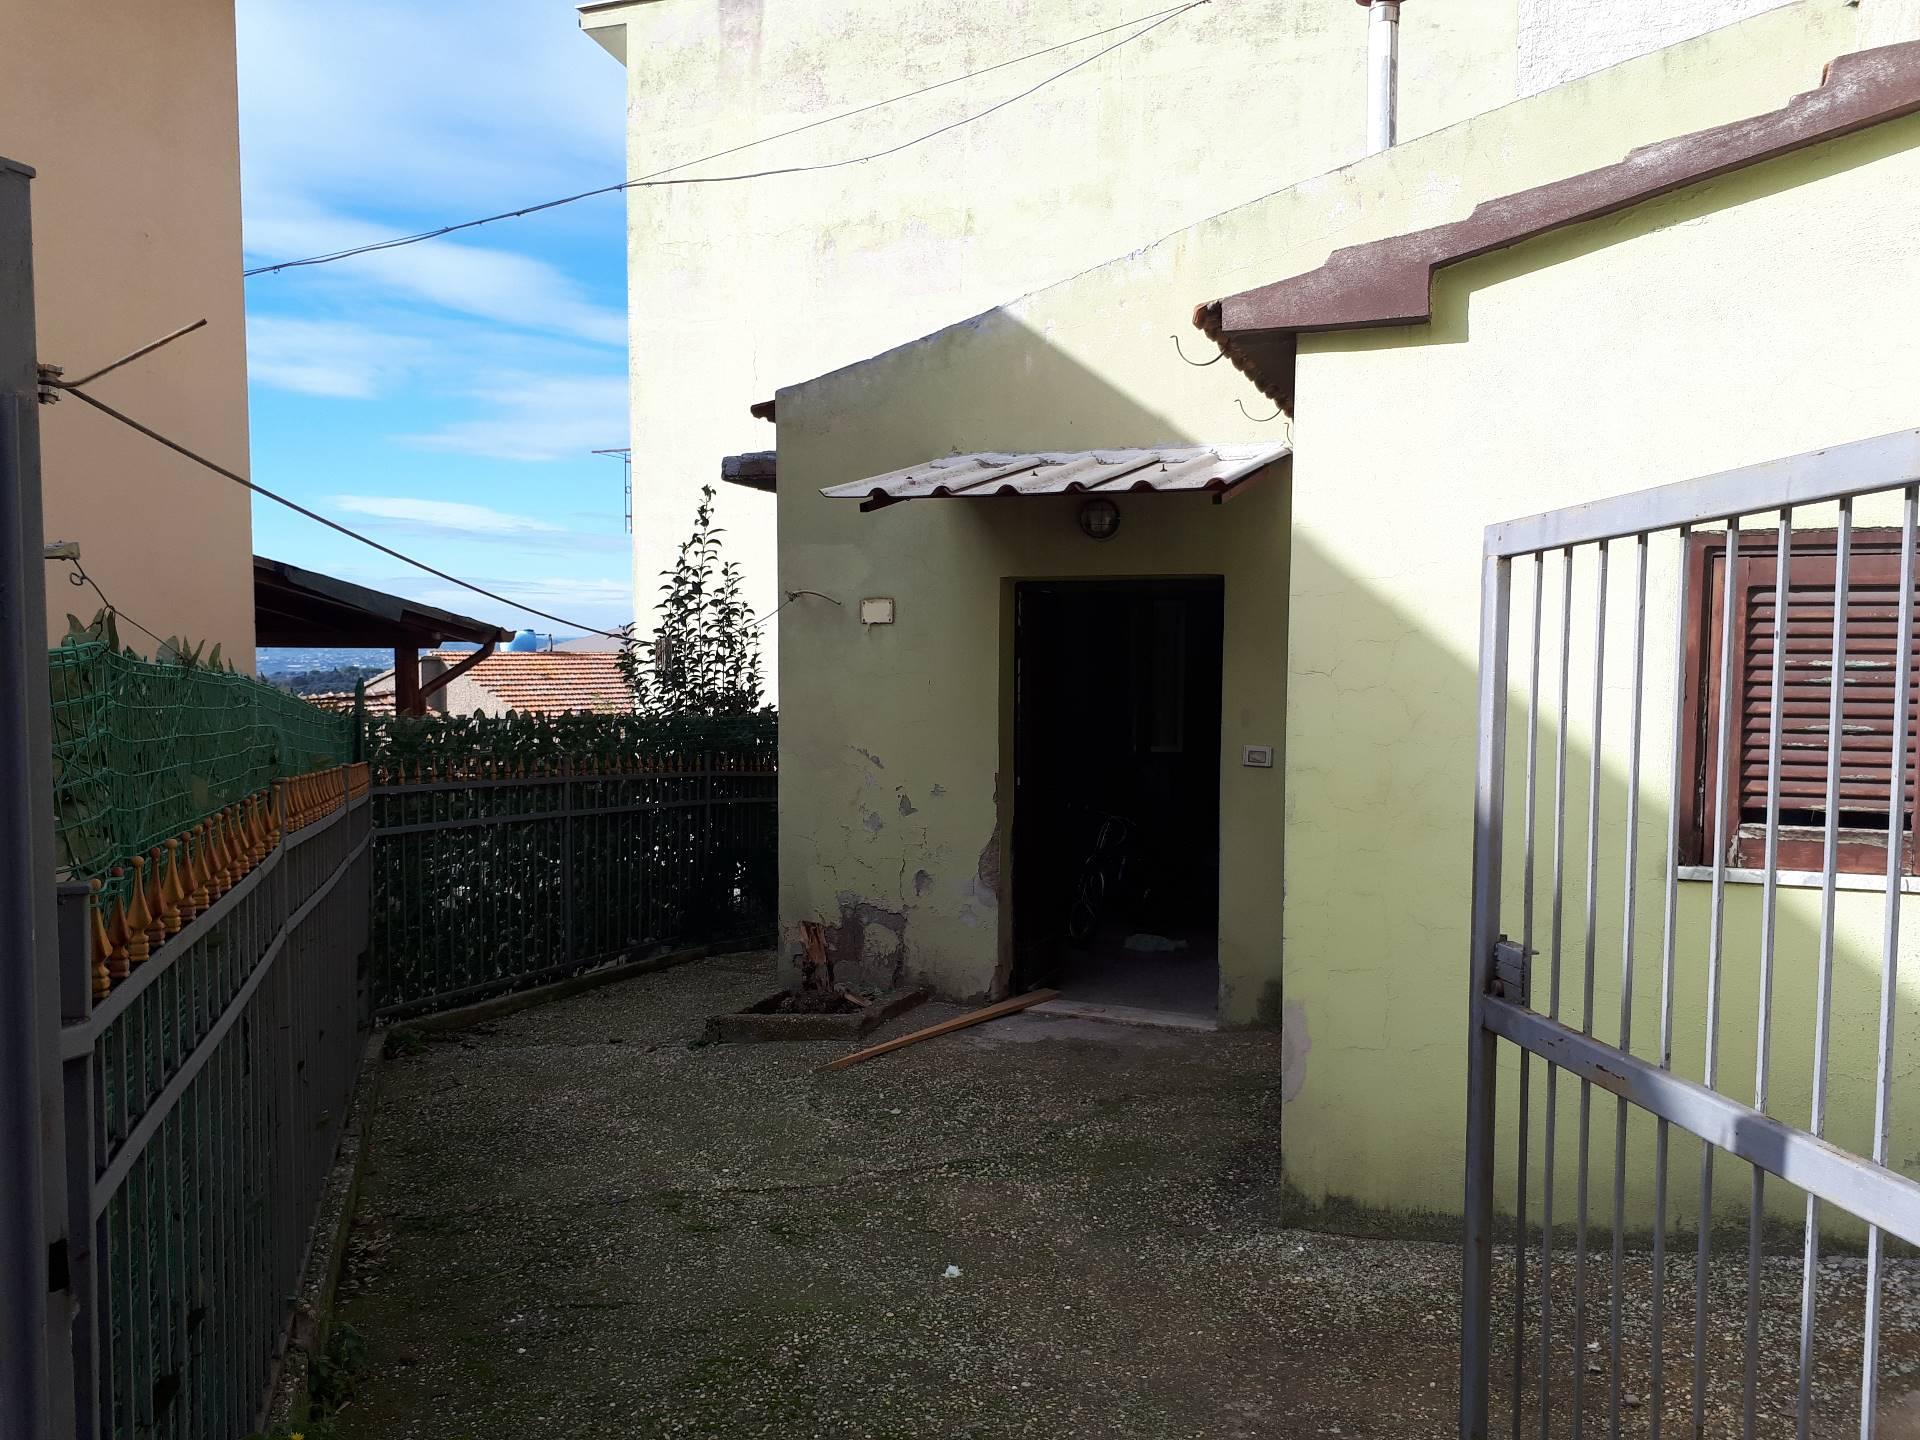 Appartamento in vendita a Montelibretti, 2 locali, prezzo € 31.000 | CambioCasa.it